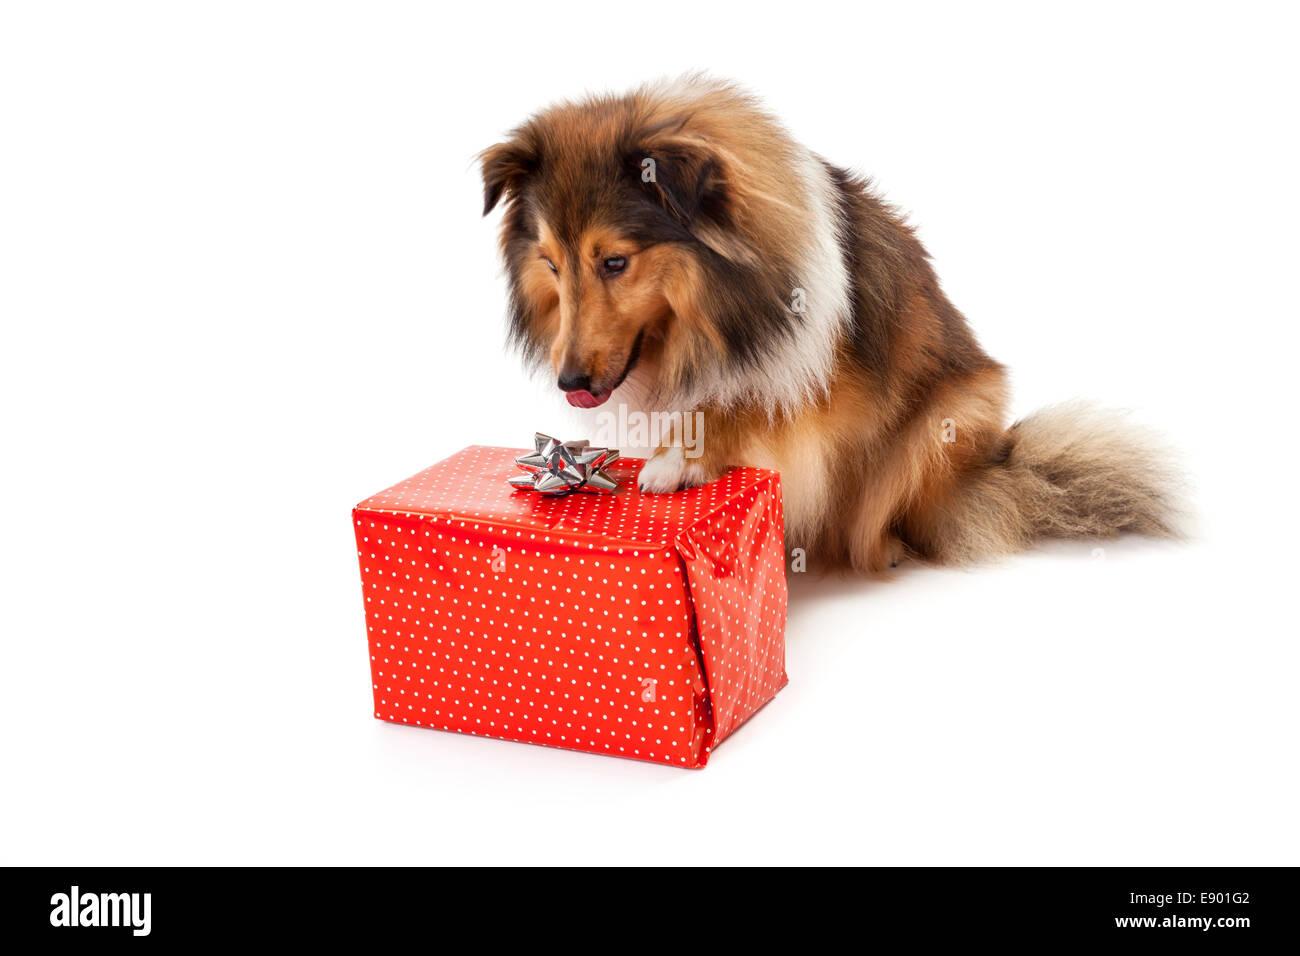 Shetland sheepdog staring at red gift box - Stock Image